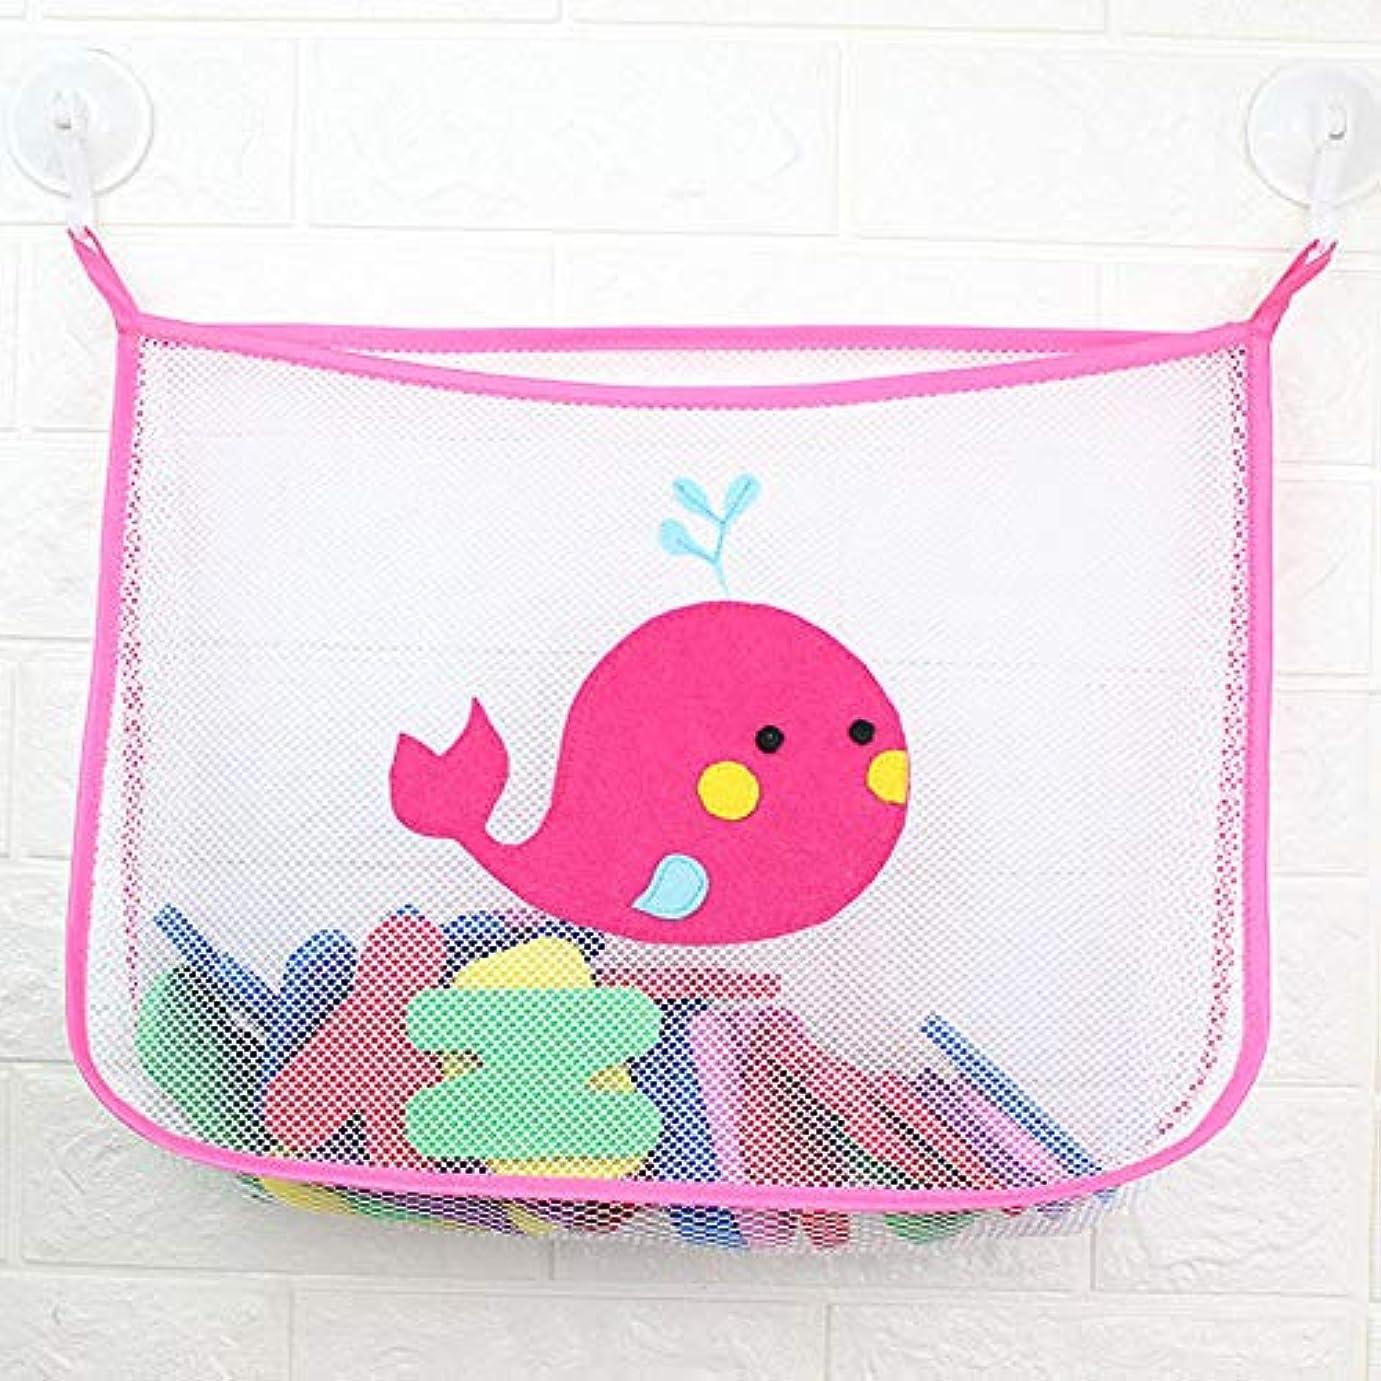 鼓舞する夢中非行ベビーシャワー風呂のおもちゃ小さなアヒル小さなカエルの赤ちゃん子供のおもちゃ収納メッシュで強い吸盤玩具バッグネット浴室オーガナイザー (ピンク)